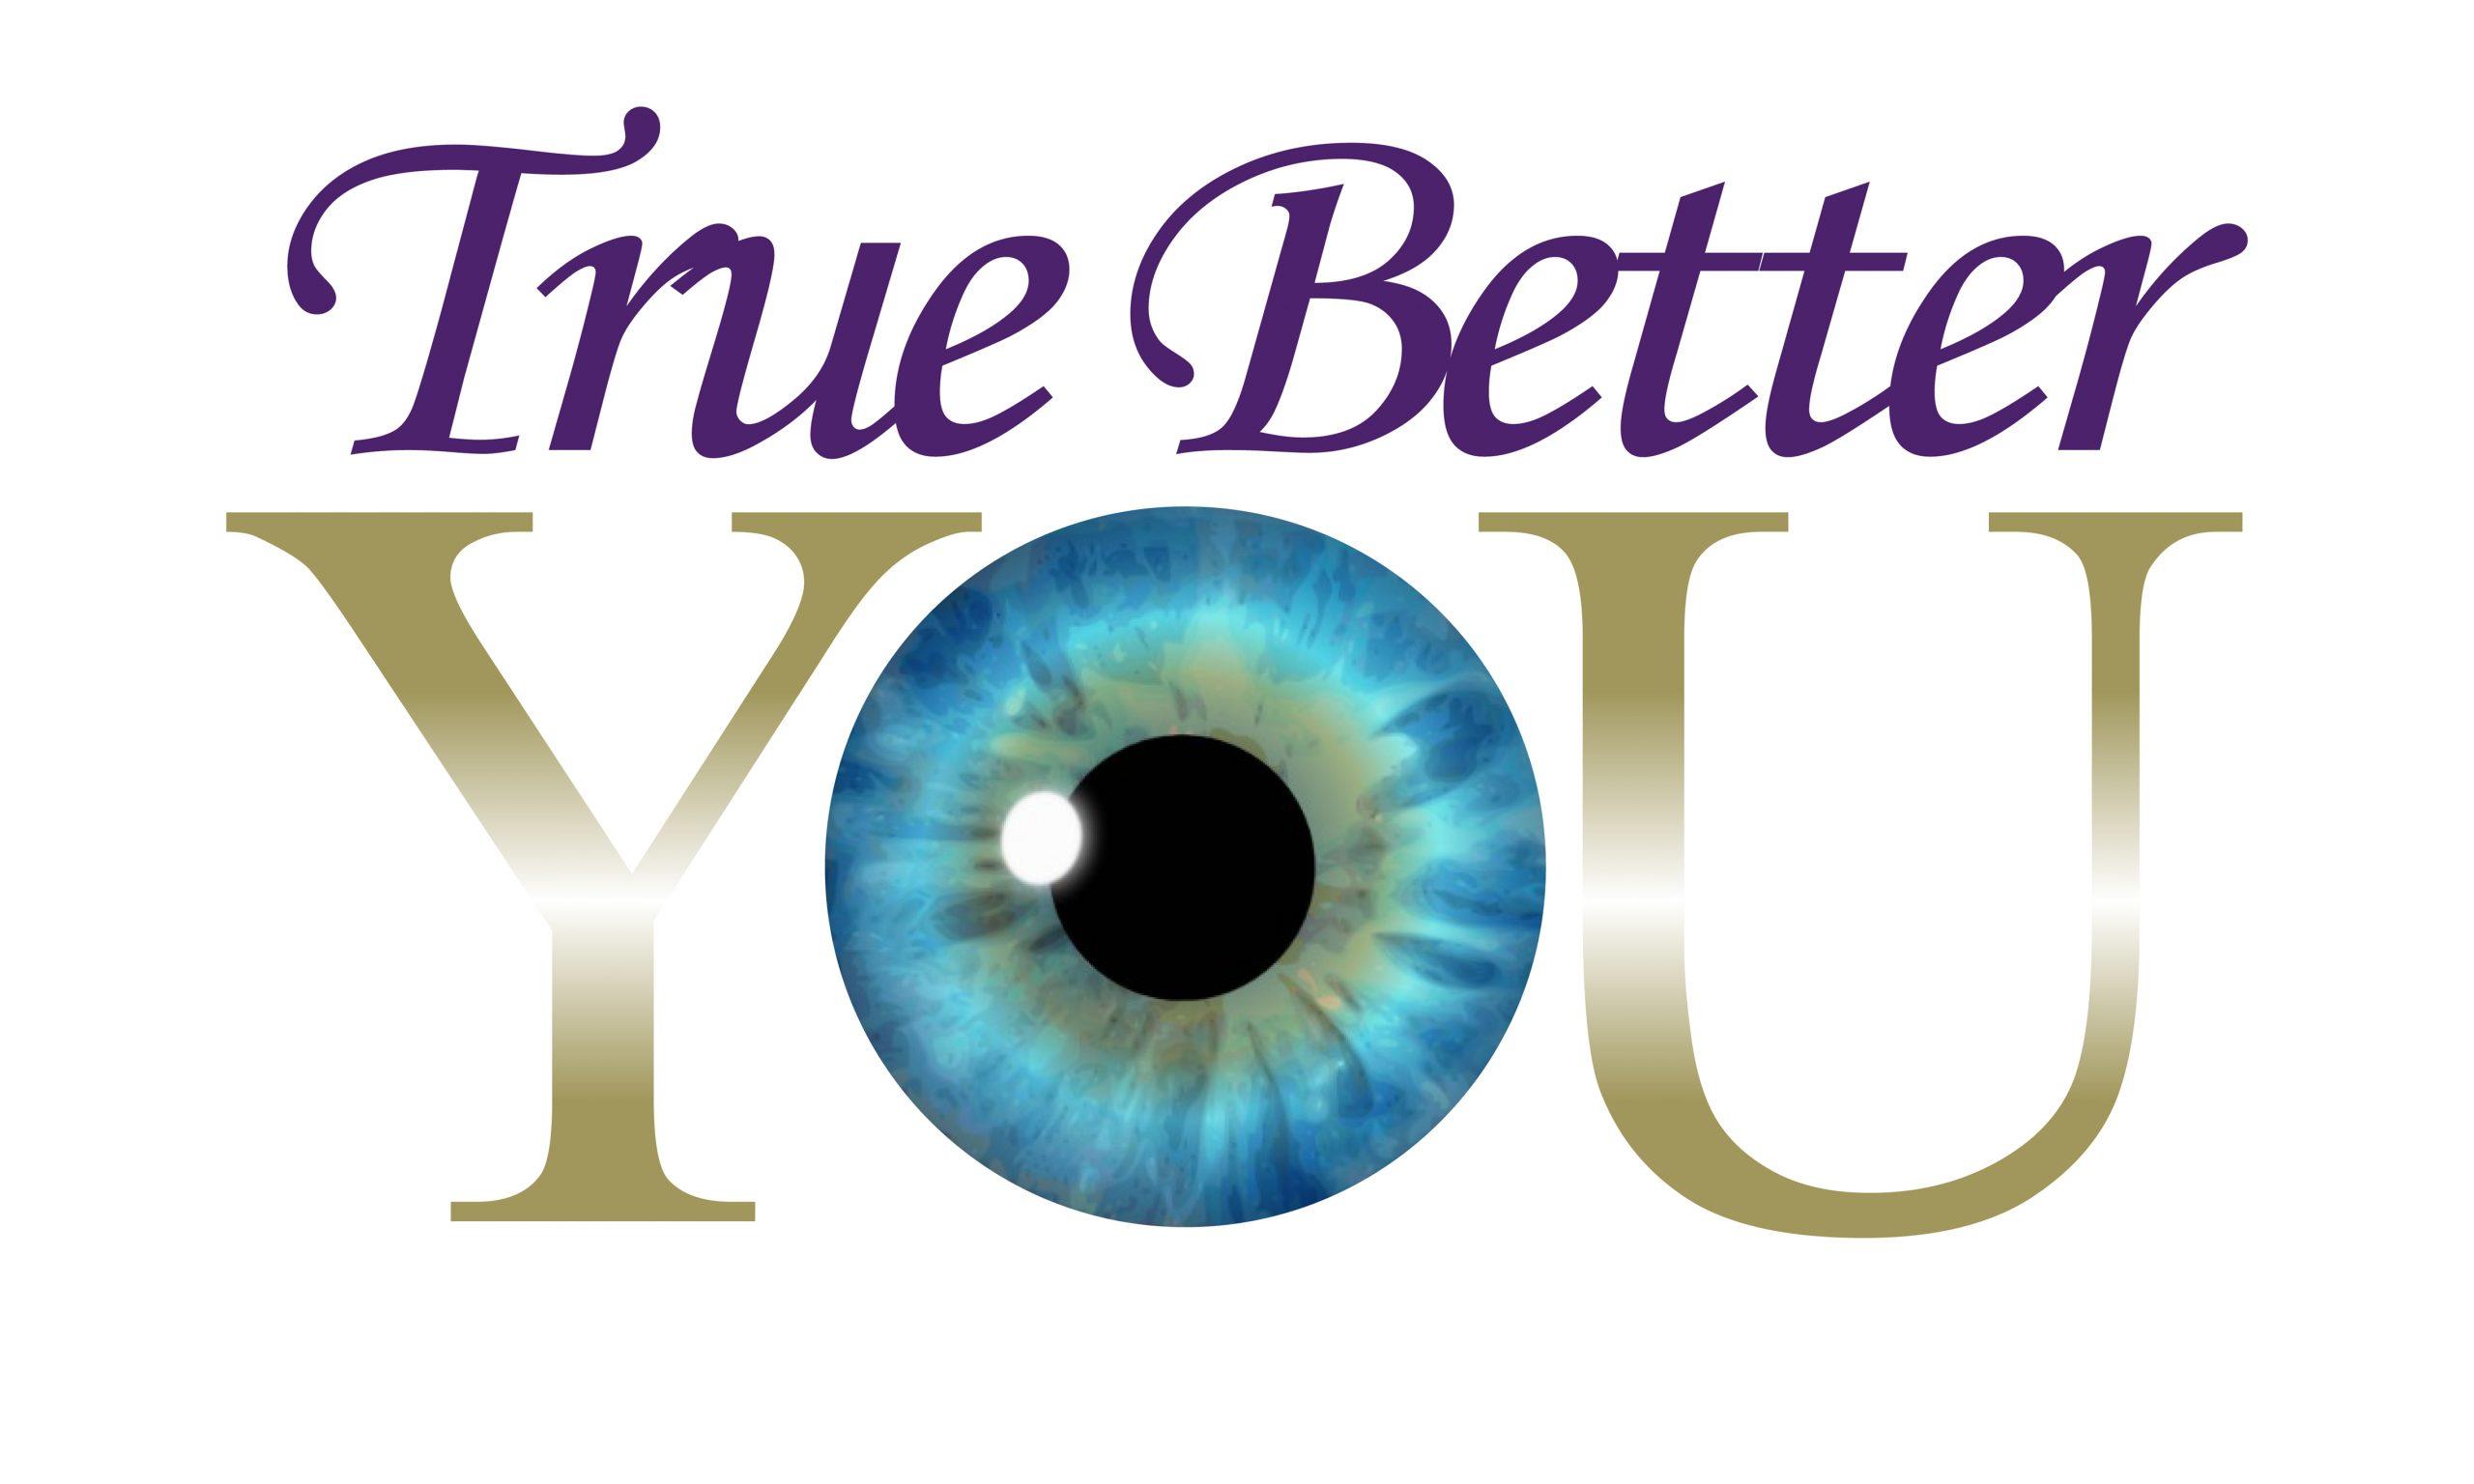 True Better You